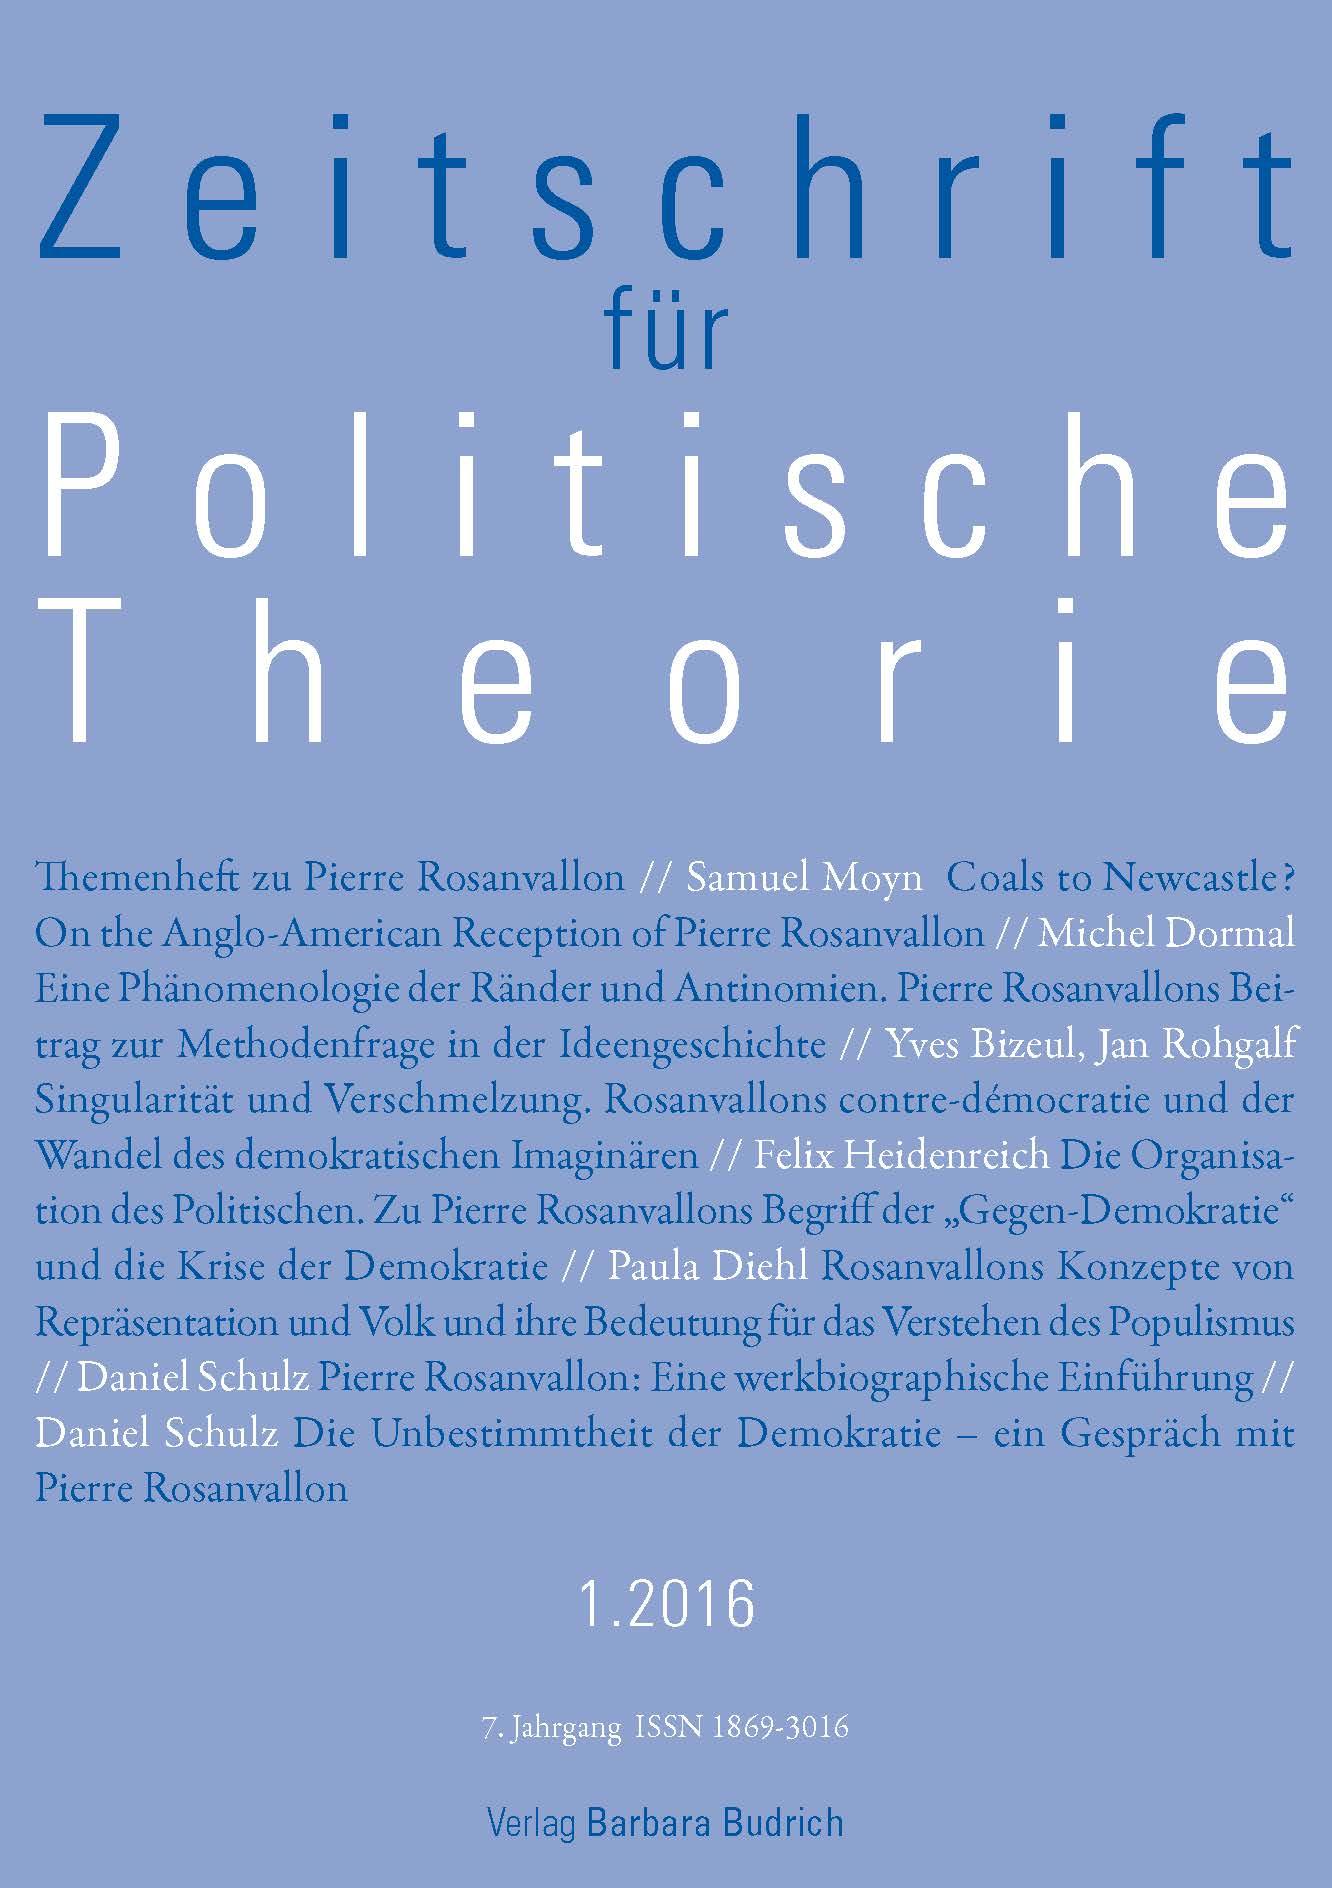 ZPTh – Zeitschrift für Politische Theorie 1-2016: Themenheft zu Pierre Rosanvallon